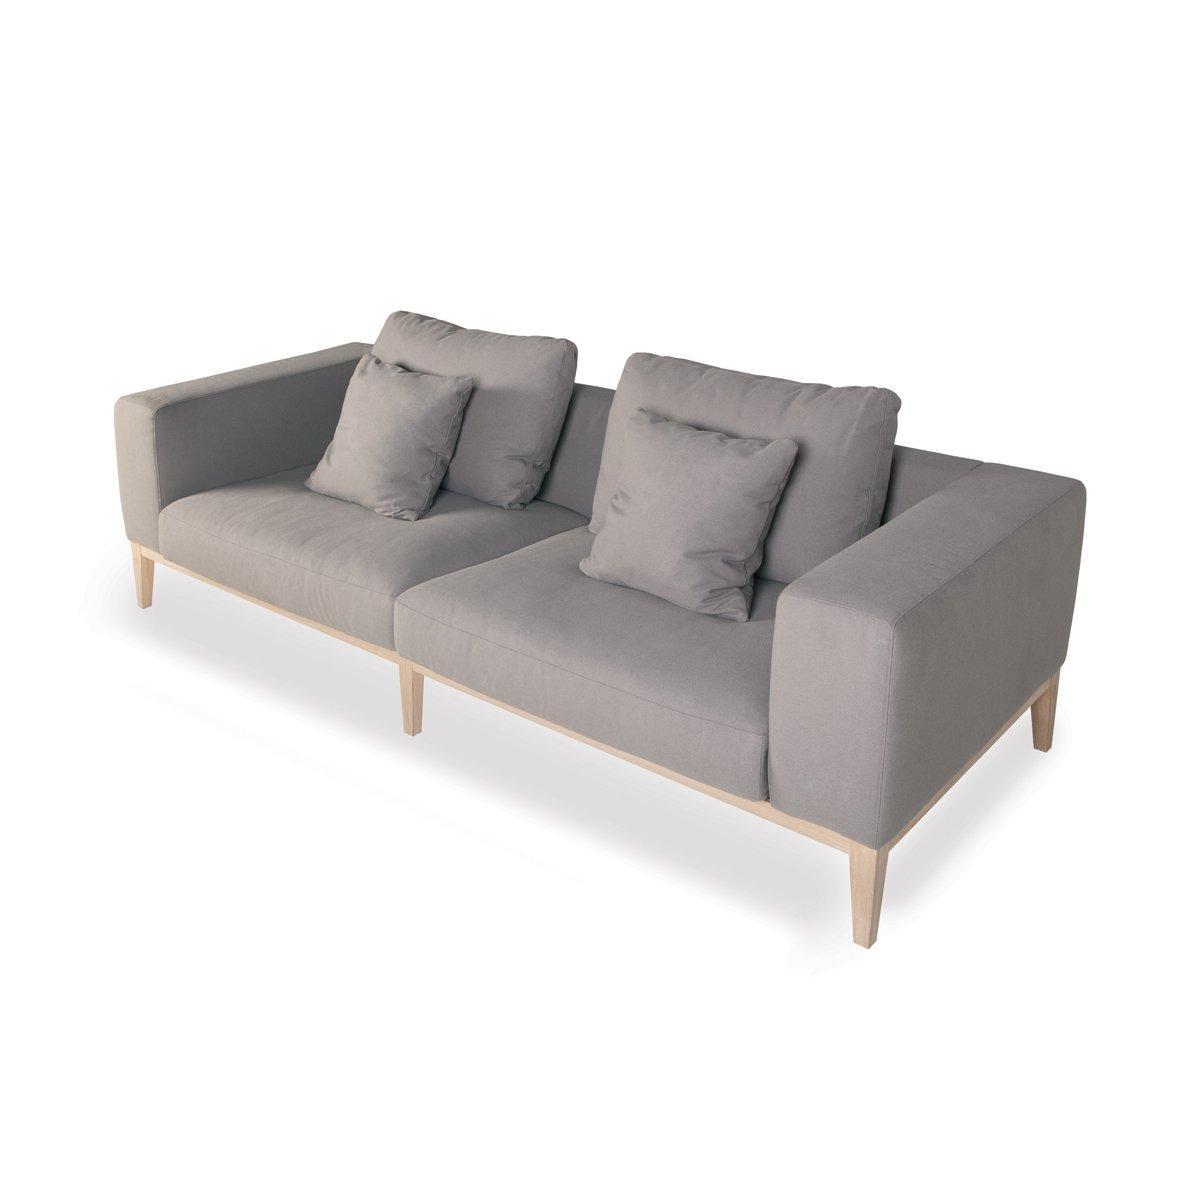 canap design scandinave meubles et atmosph re. Black Bedroom Furniture Sets. Home Design Ideas